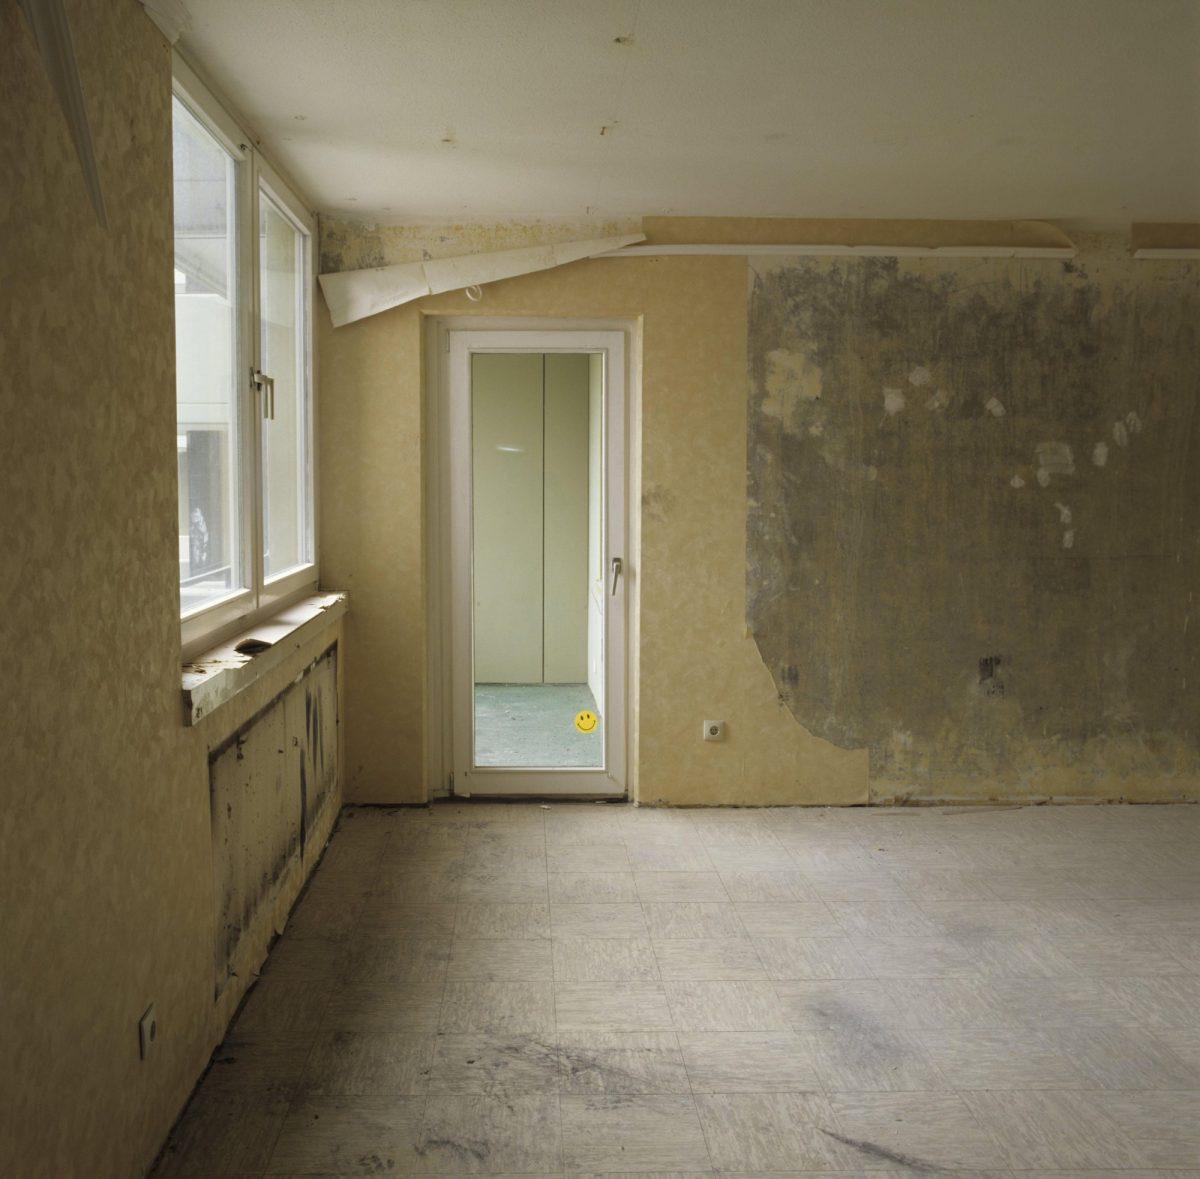 Soutěžní rekonstrukce: Rekonstrukce obývacího pokoje